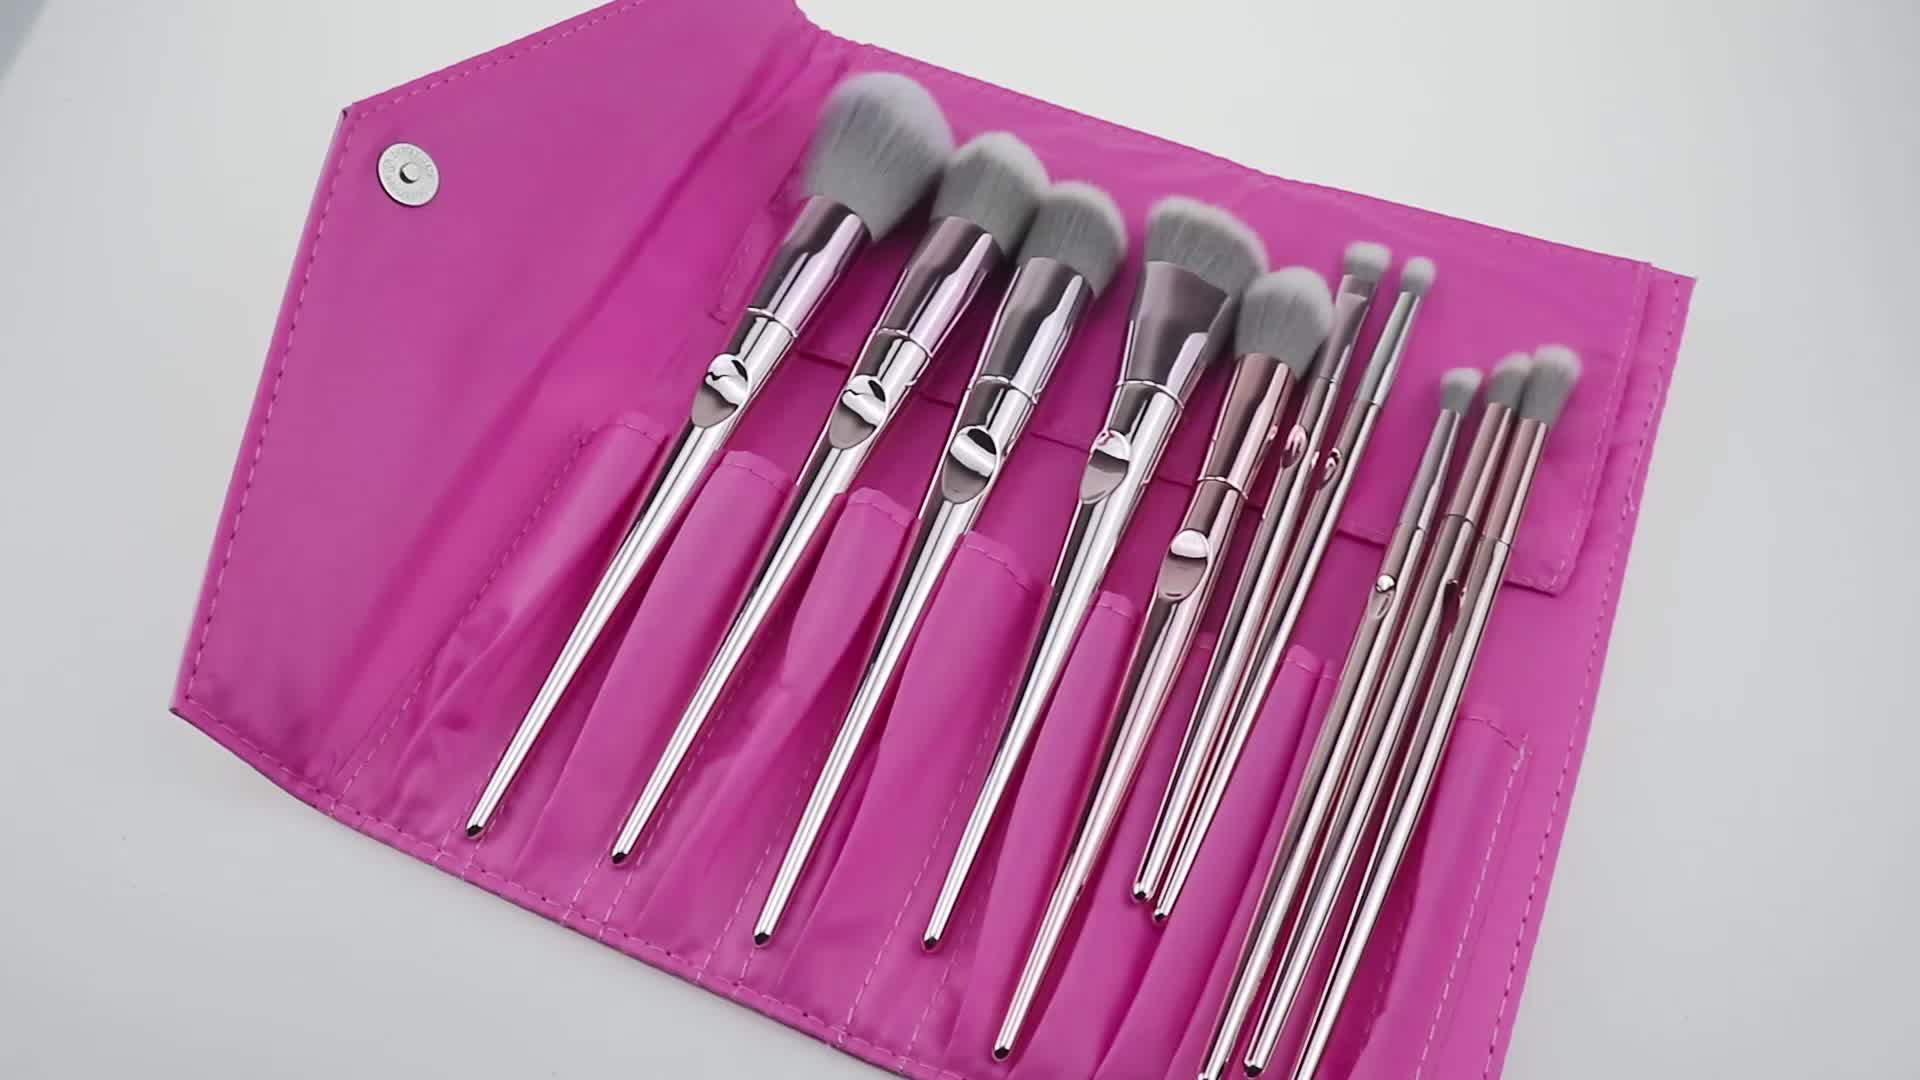 Atacado Professional 10 pcs Rose Ouro em Placas de Plástico Alça Meninas Diário de Blush Make Up Brushes Makeup Brush Set Com Caso